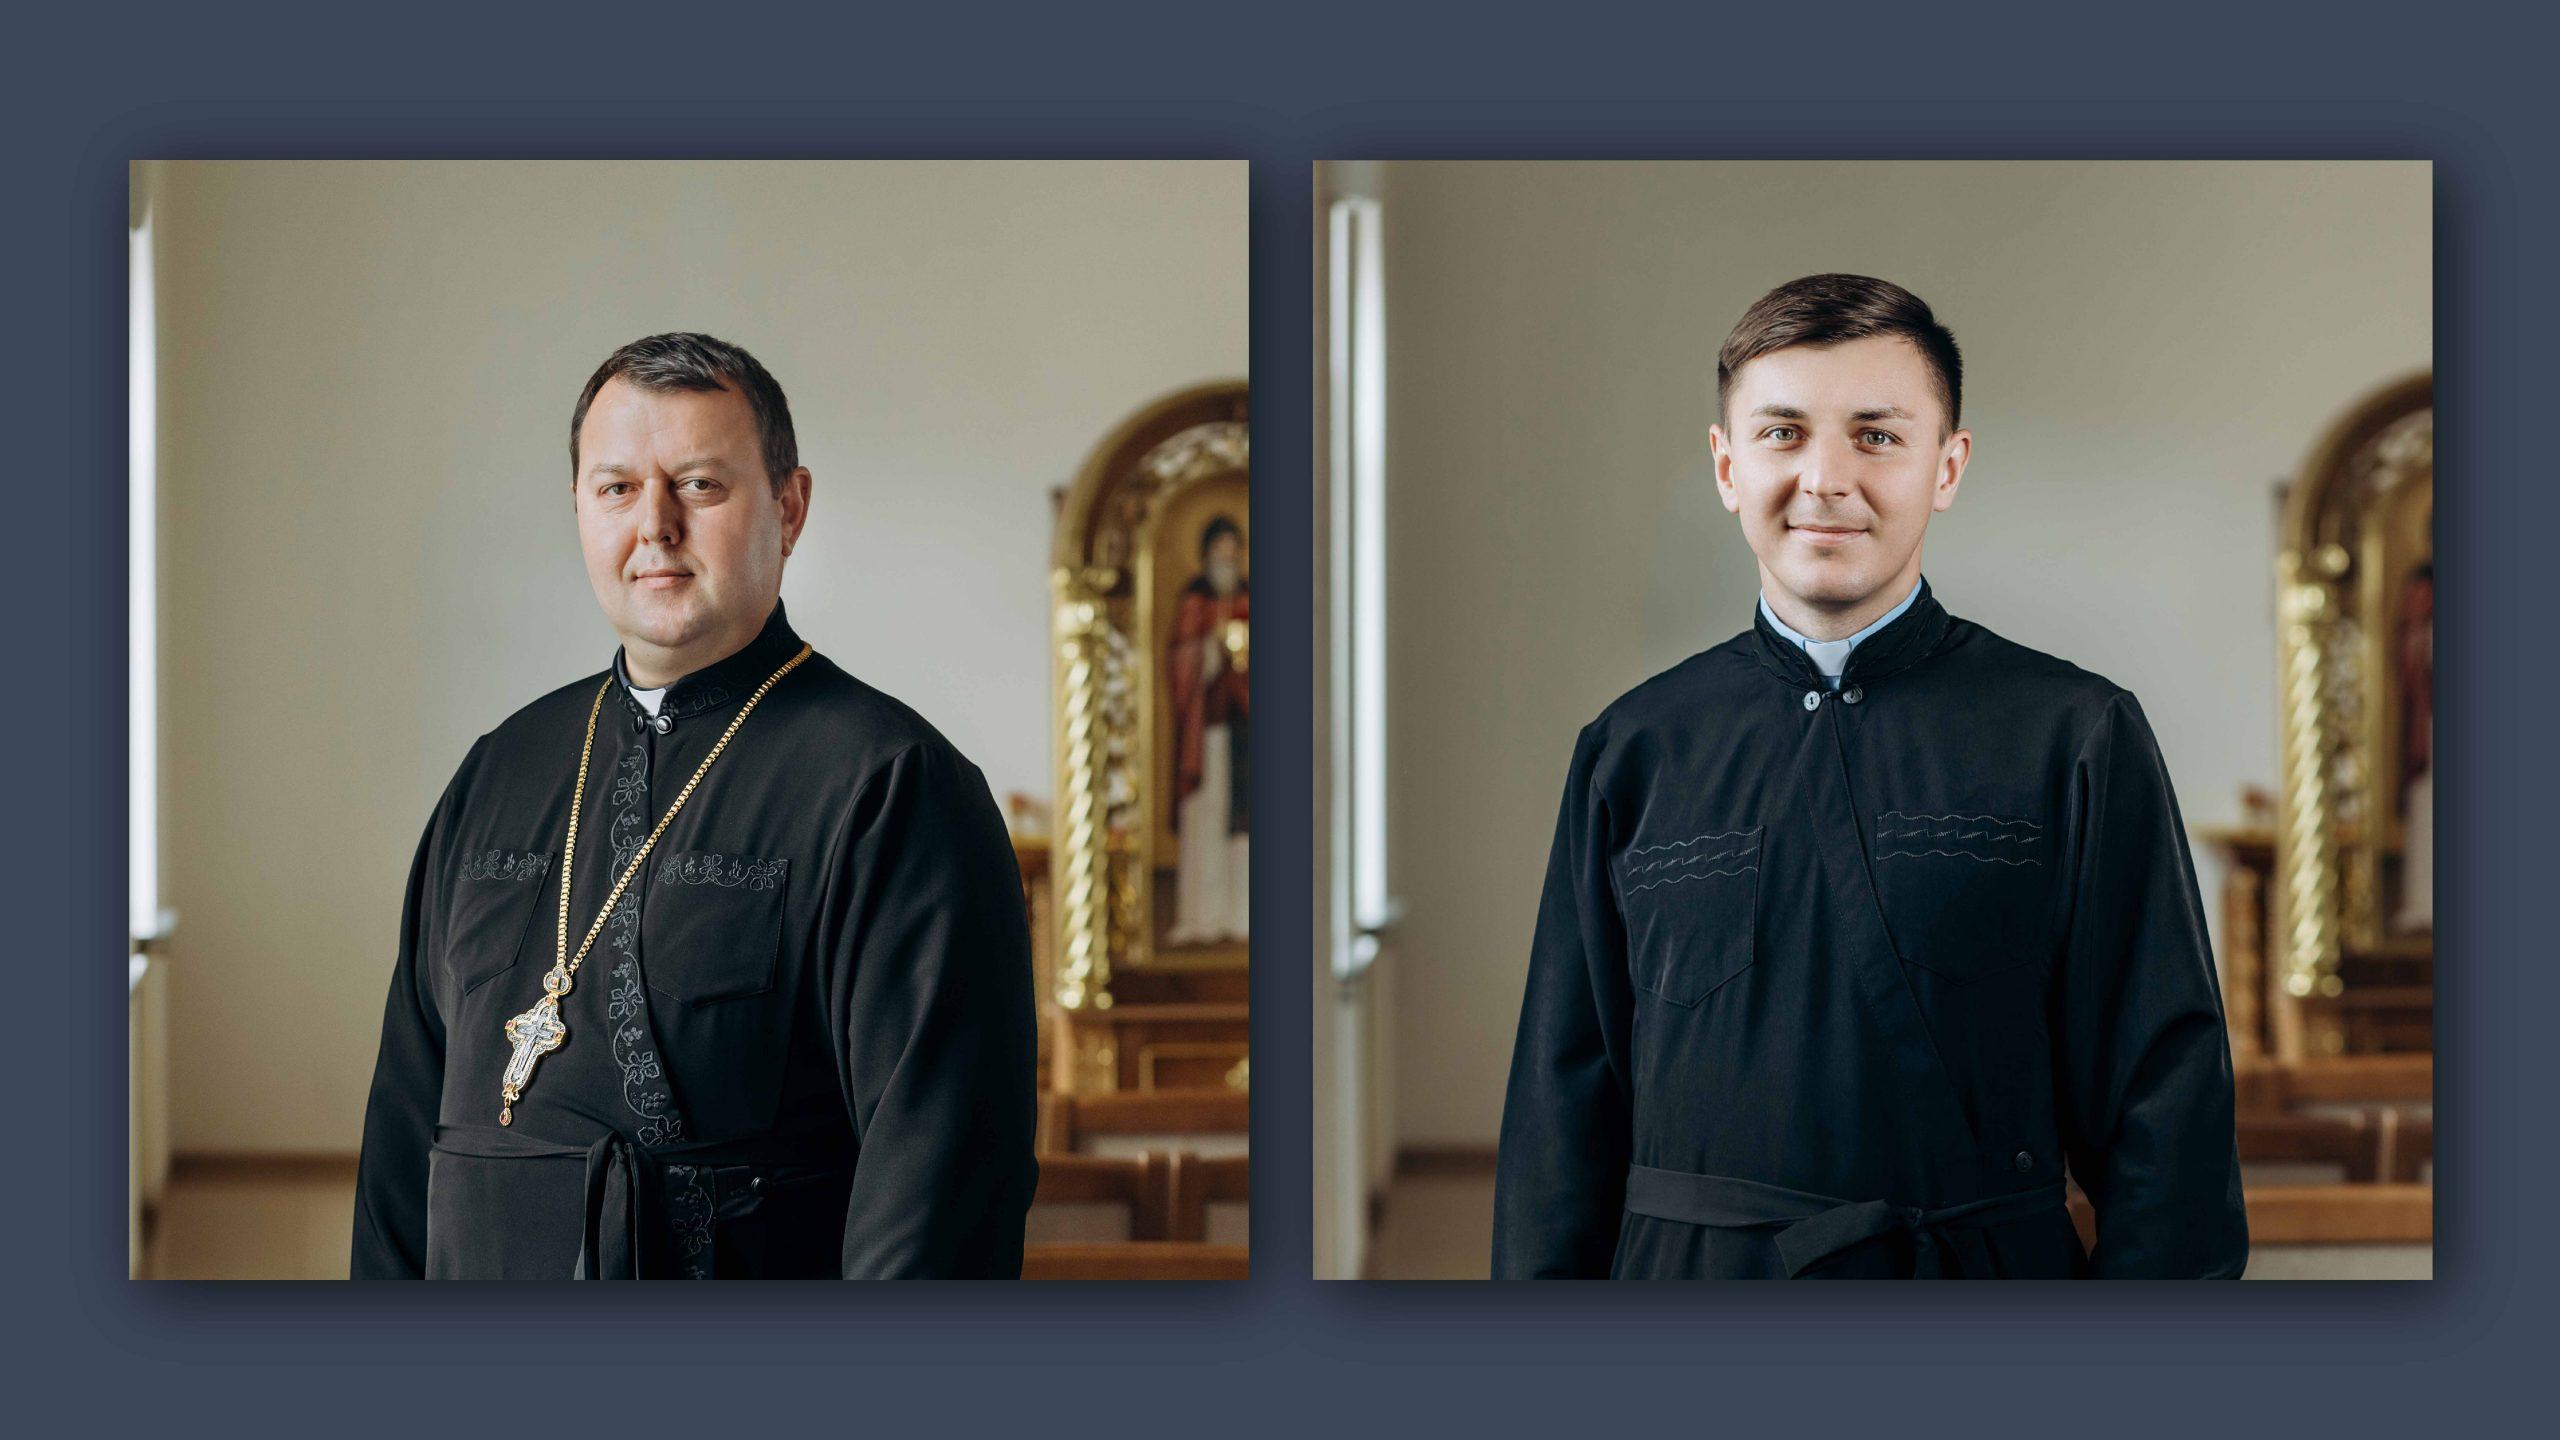 Ректор і вся семінарійна спільнота щиро вітають духівника прот. д-ра Василя Гоголя та префекта ієр. Василя Михнюка з іменинами!